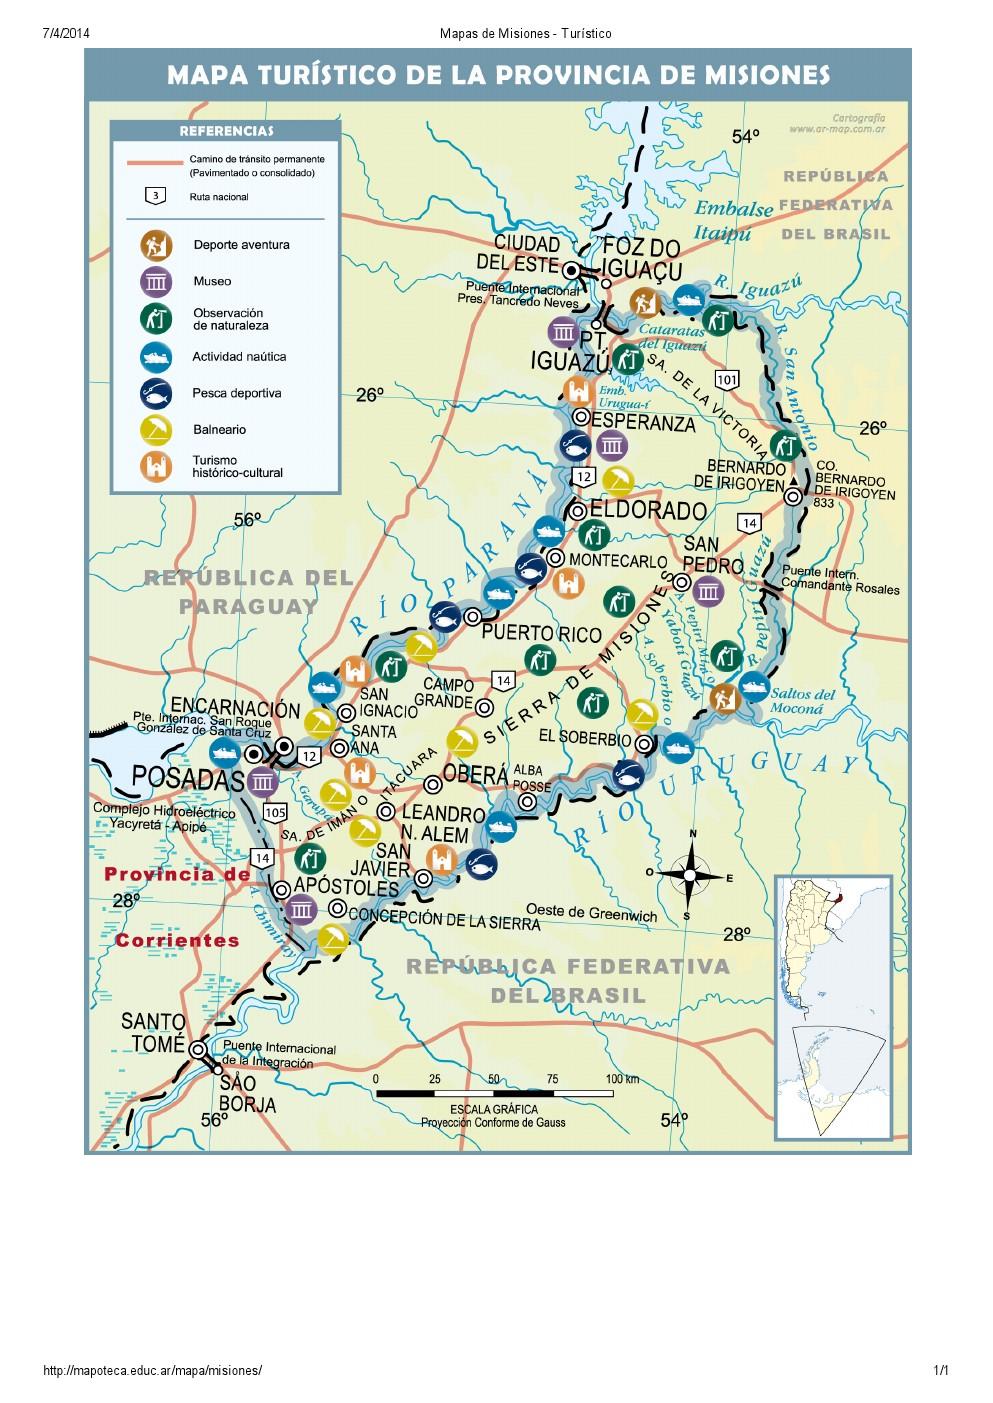 Mapa turístico de Misiones. Mapoteca de Educ.ar